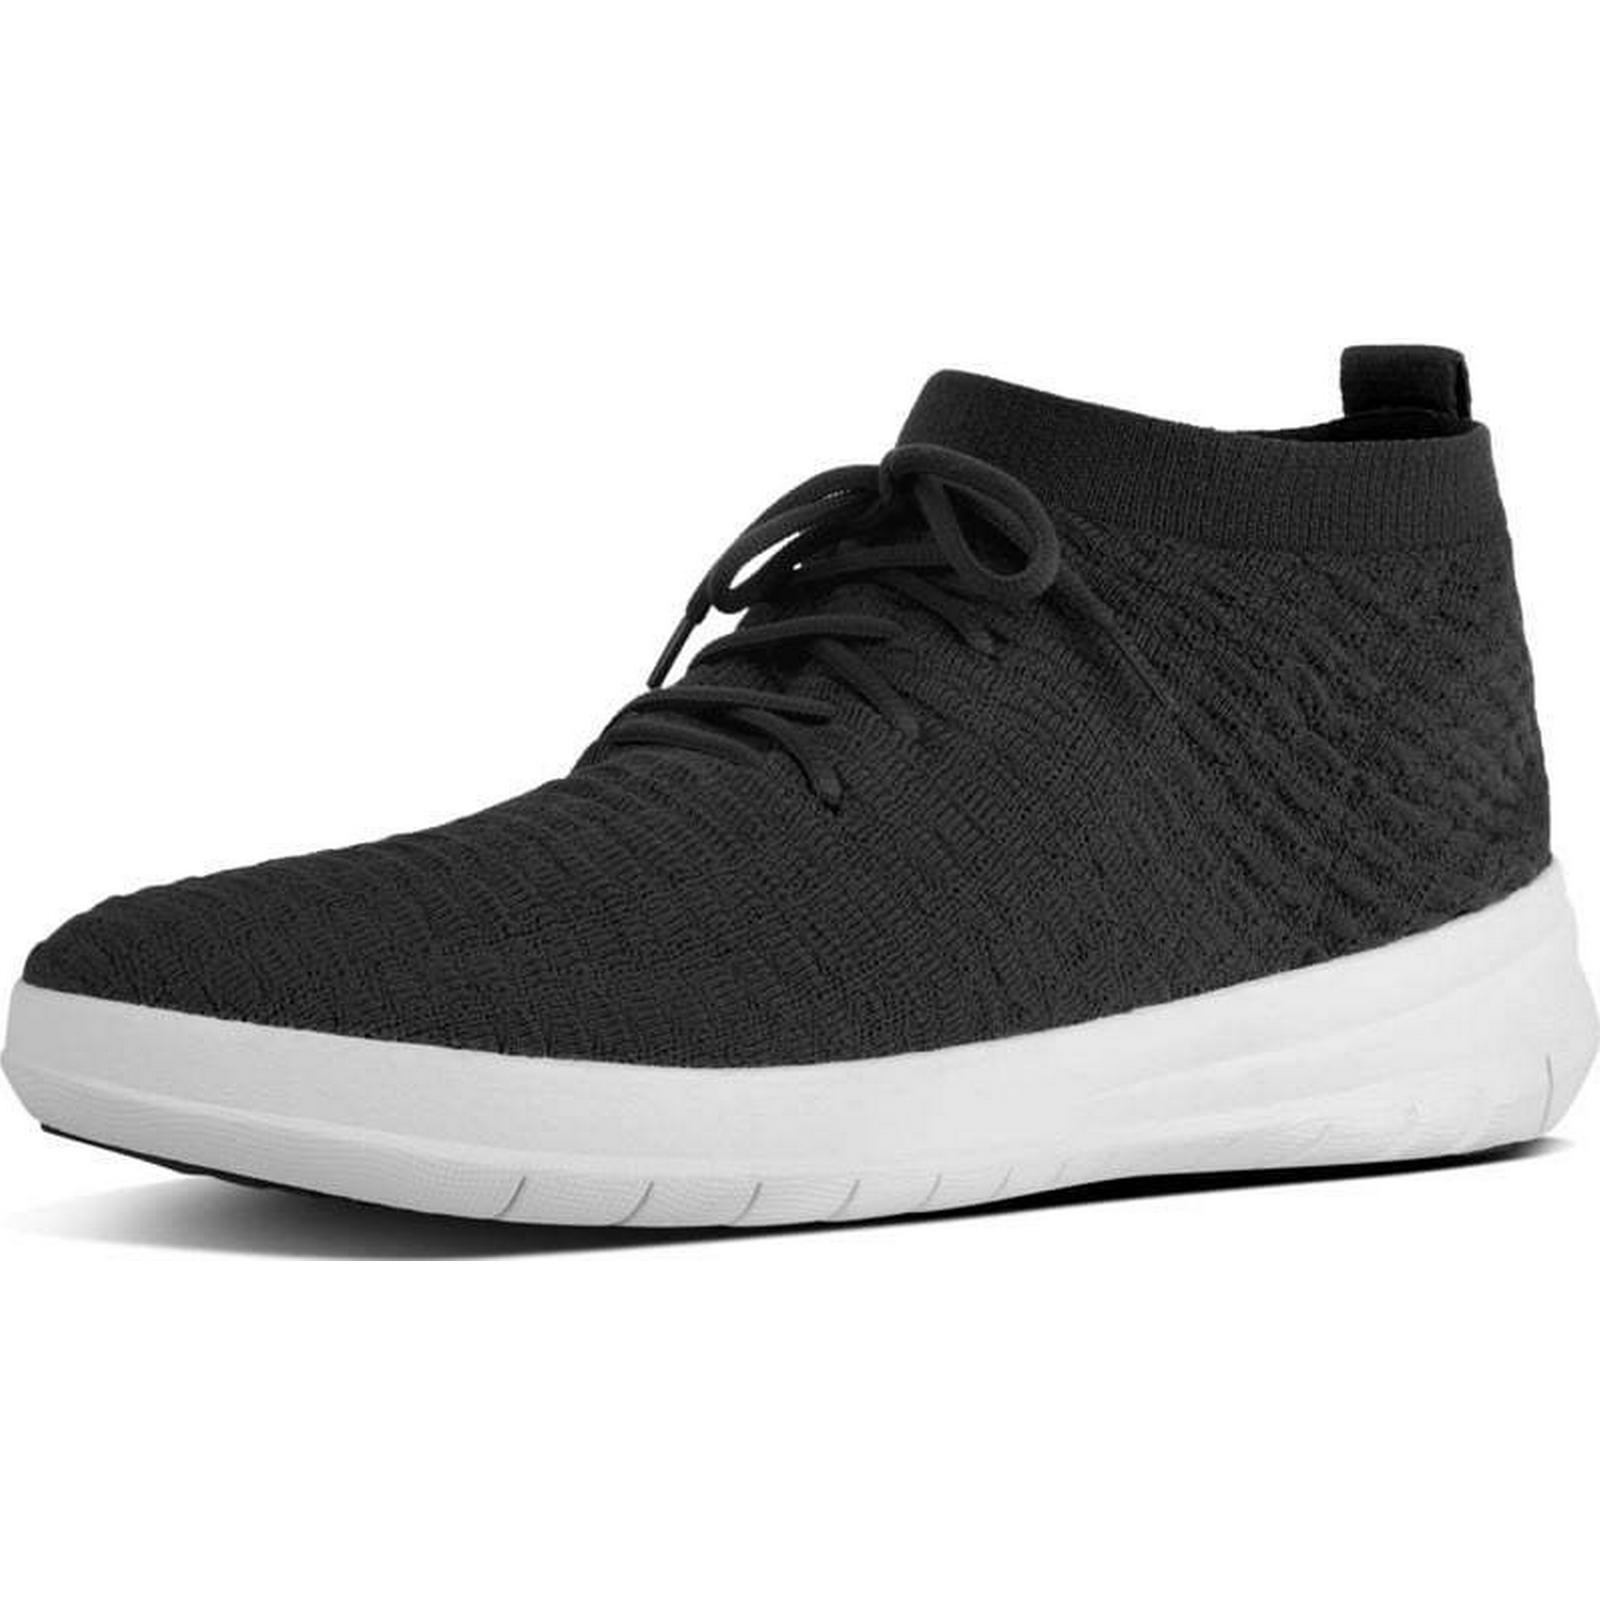 fitflop   uberknit slip-on 6, uberknit haut chaussure taille: 6, slip-on couleur: 9ae8ec